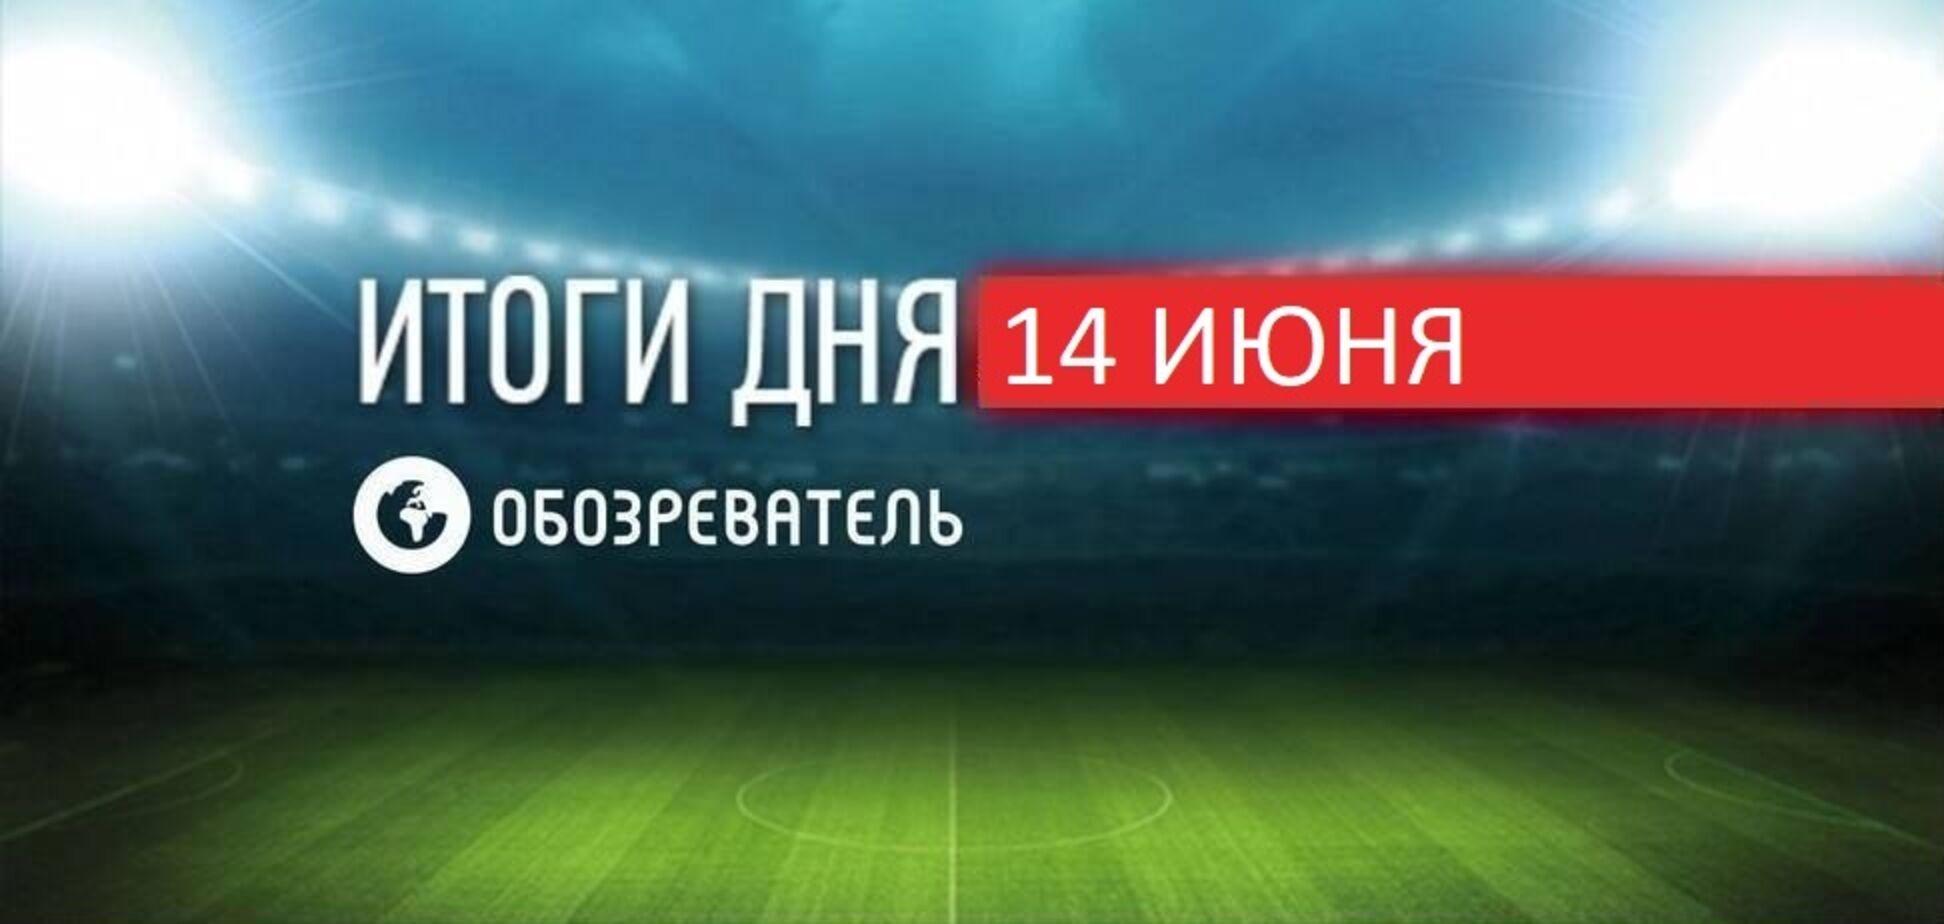 Журналист из РФ отреагировал словами 'Слава Украине!' на игру сборной Шевченко с Нидерландами: новости спорта 14 июня